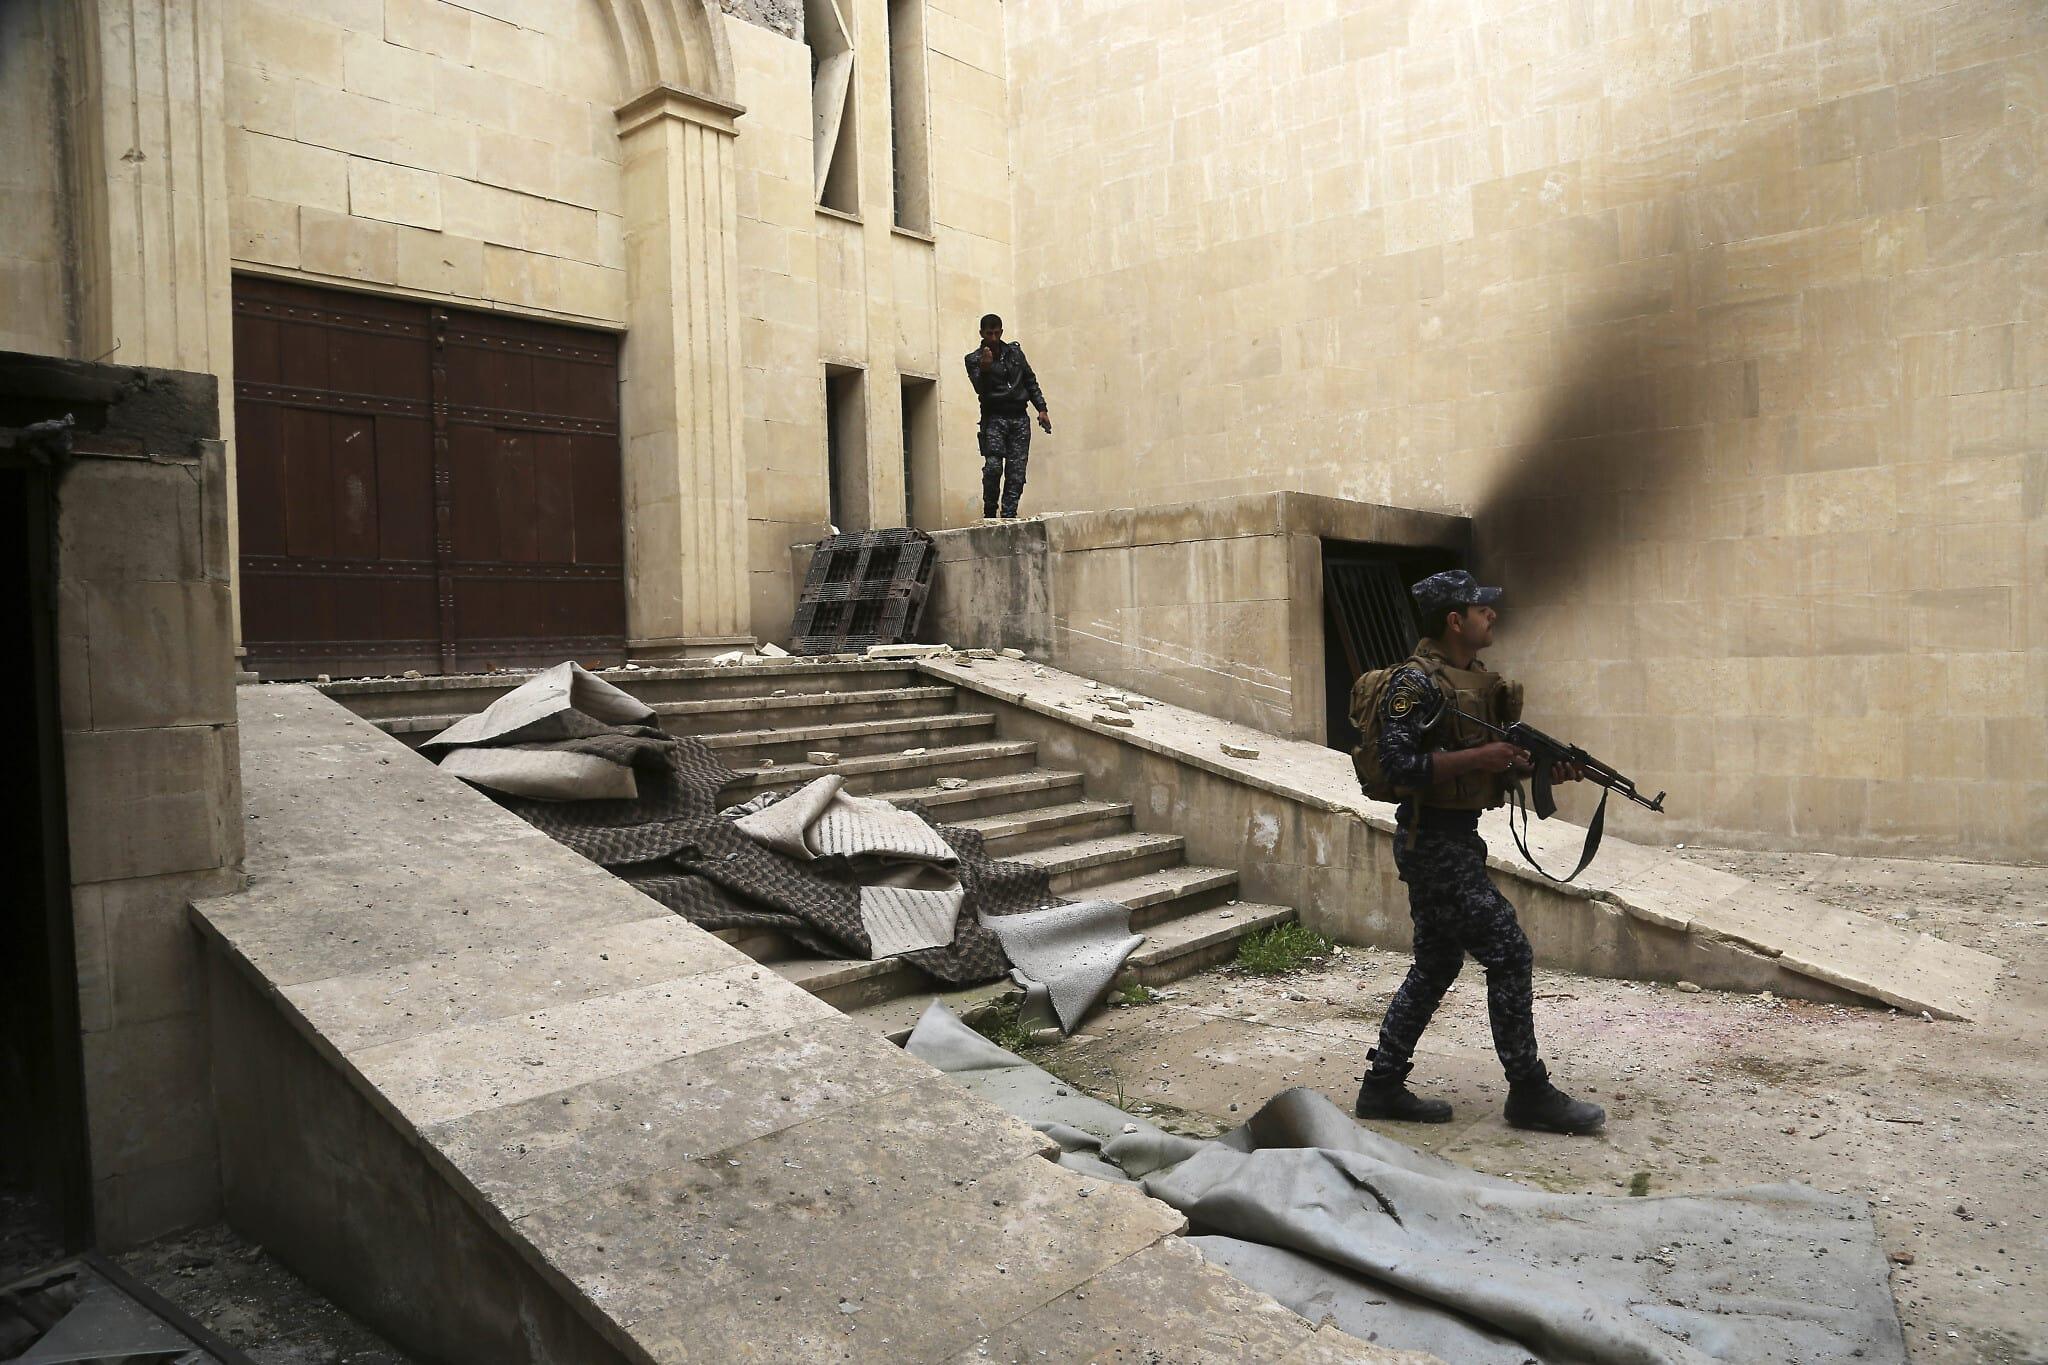 """שוטרים עיראקים בוחנים את ההרס שהותירו אנשי דאע""""ש במוזיאון של מוסול, ב-8 במרץ 2017 (צילום: AP Photo/Khalid Mohammed)"""